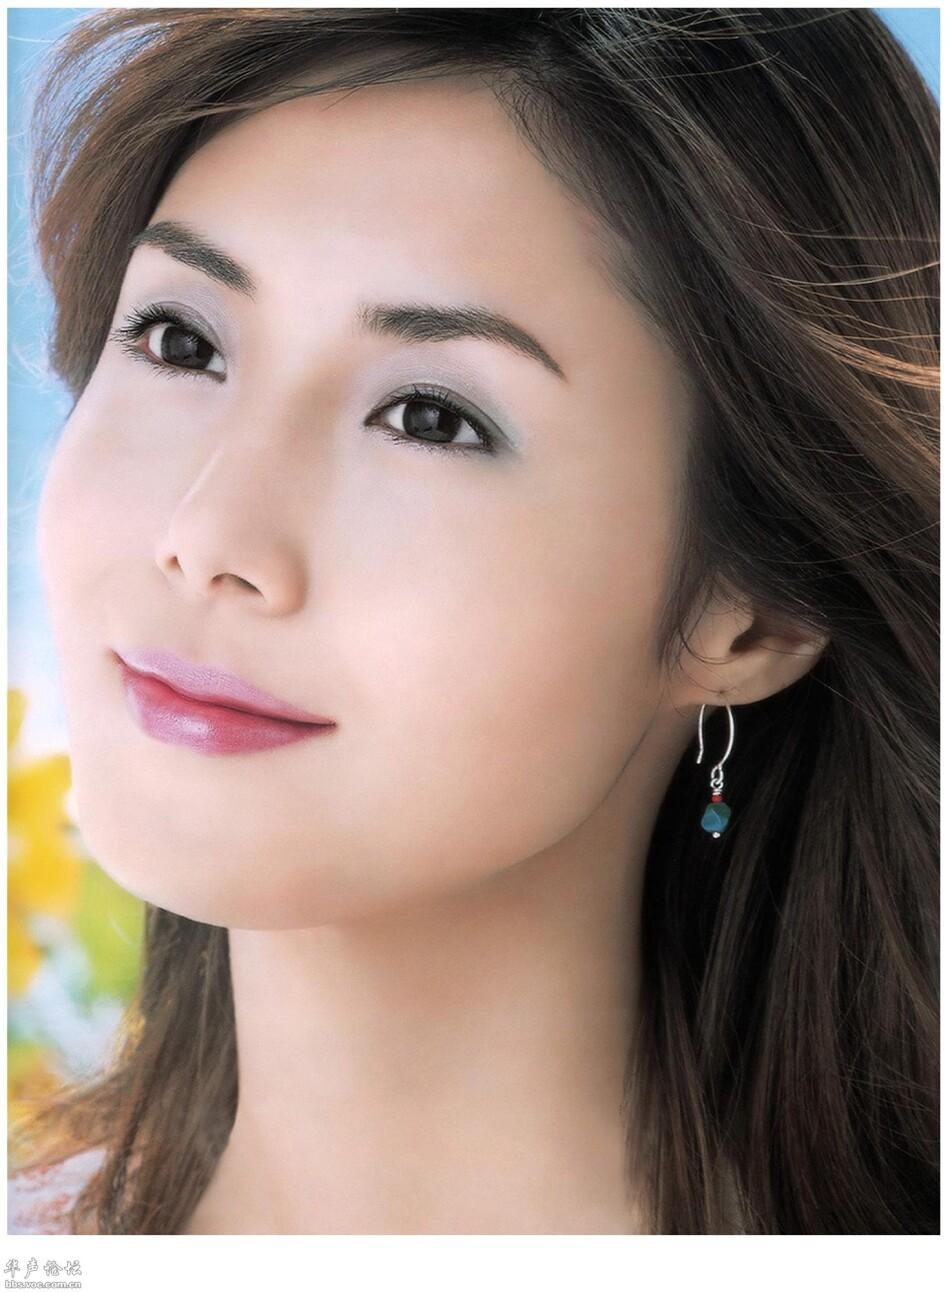 中外清纯美女大头贴 11P图片